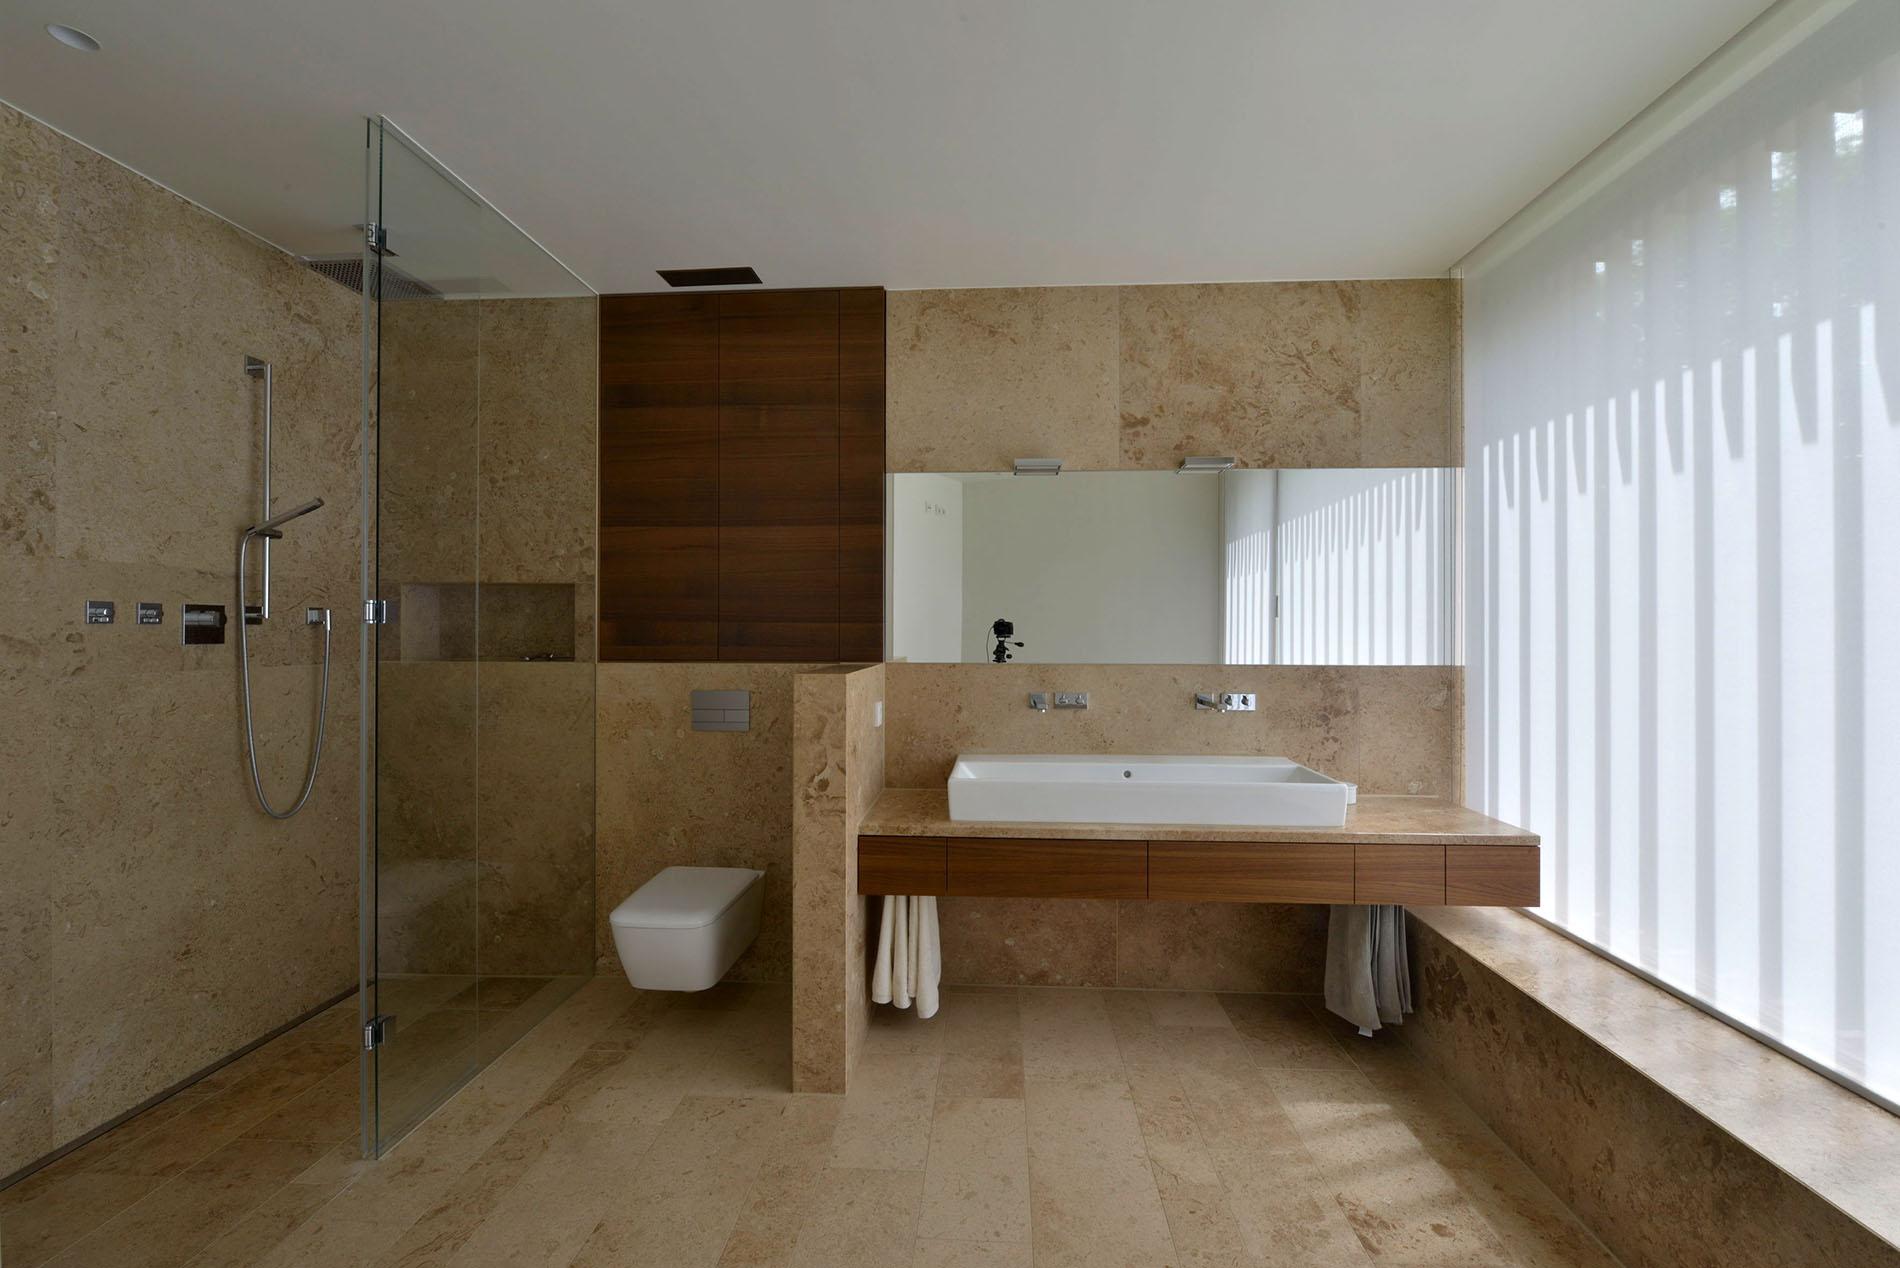 Bodenplatten, Wandverkleidung und Waschtisch aus Travertin von TRACO